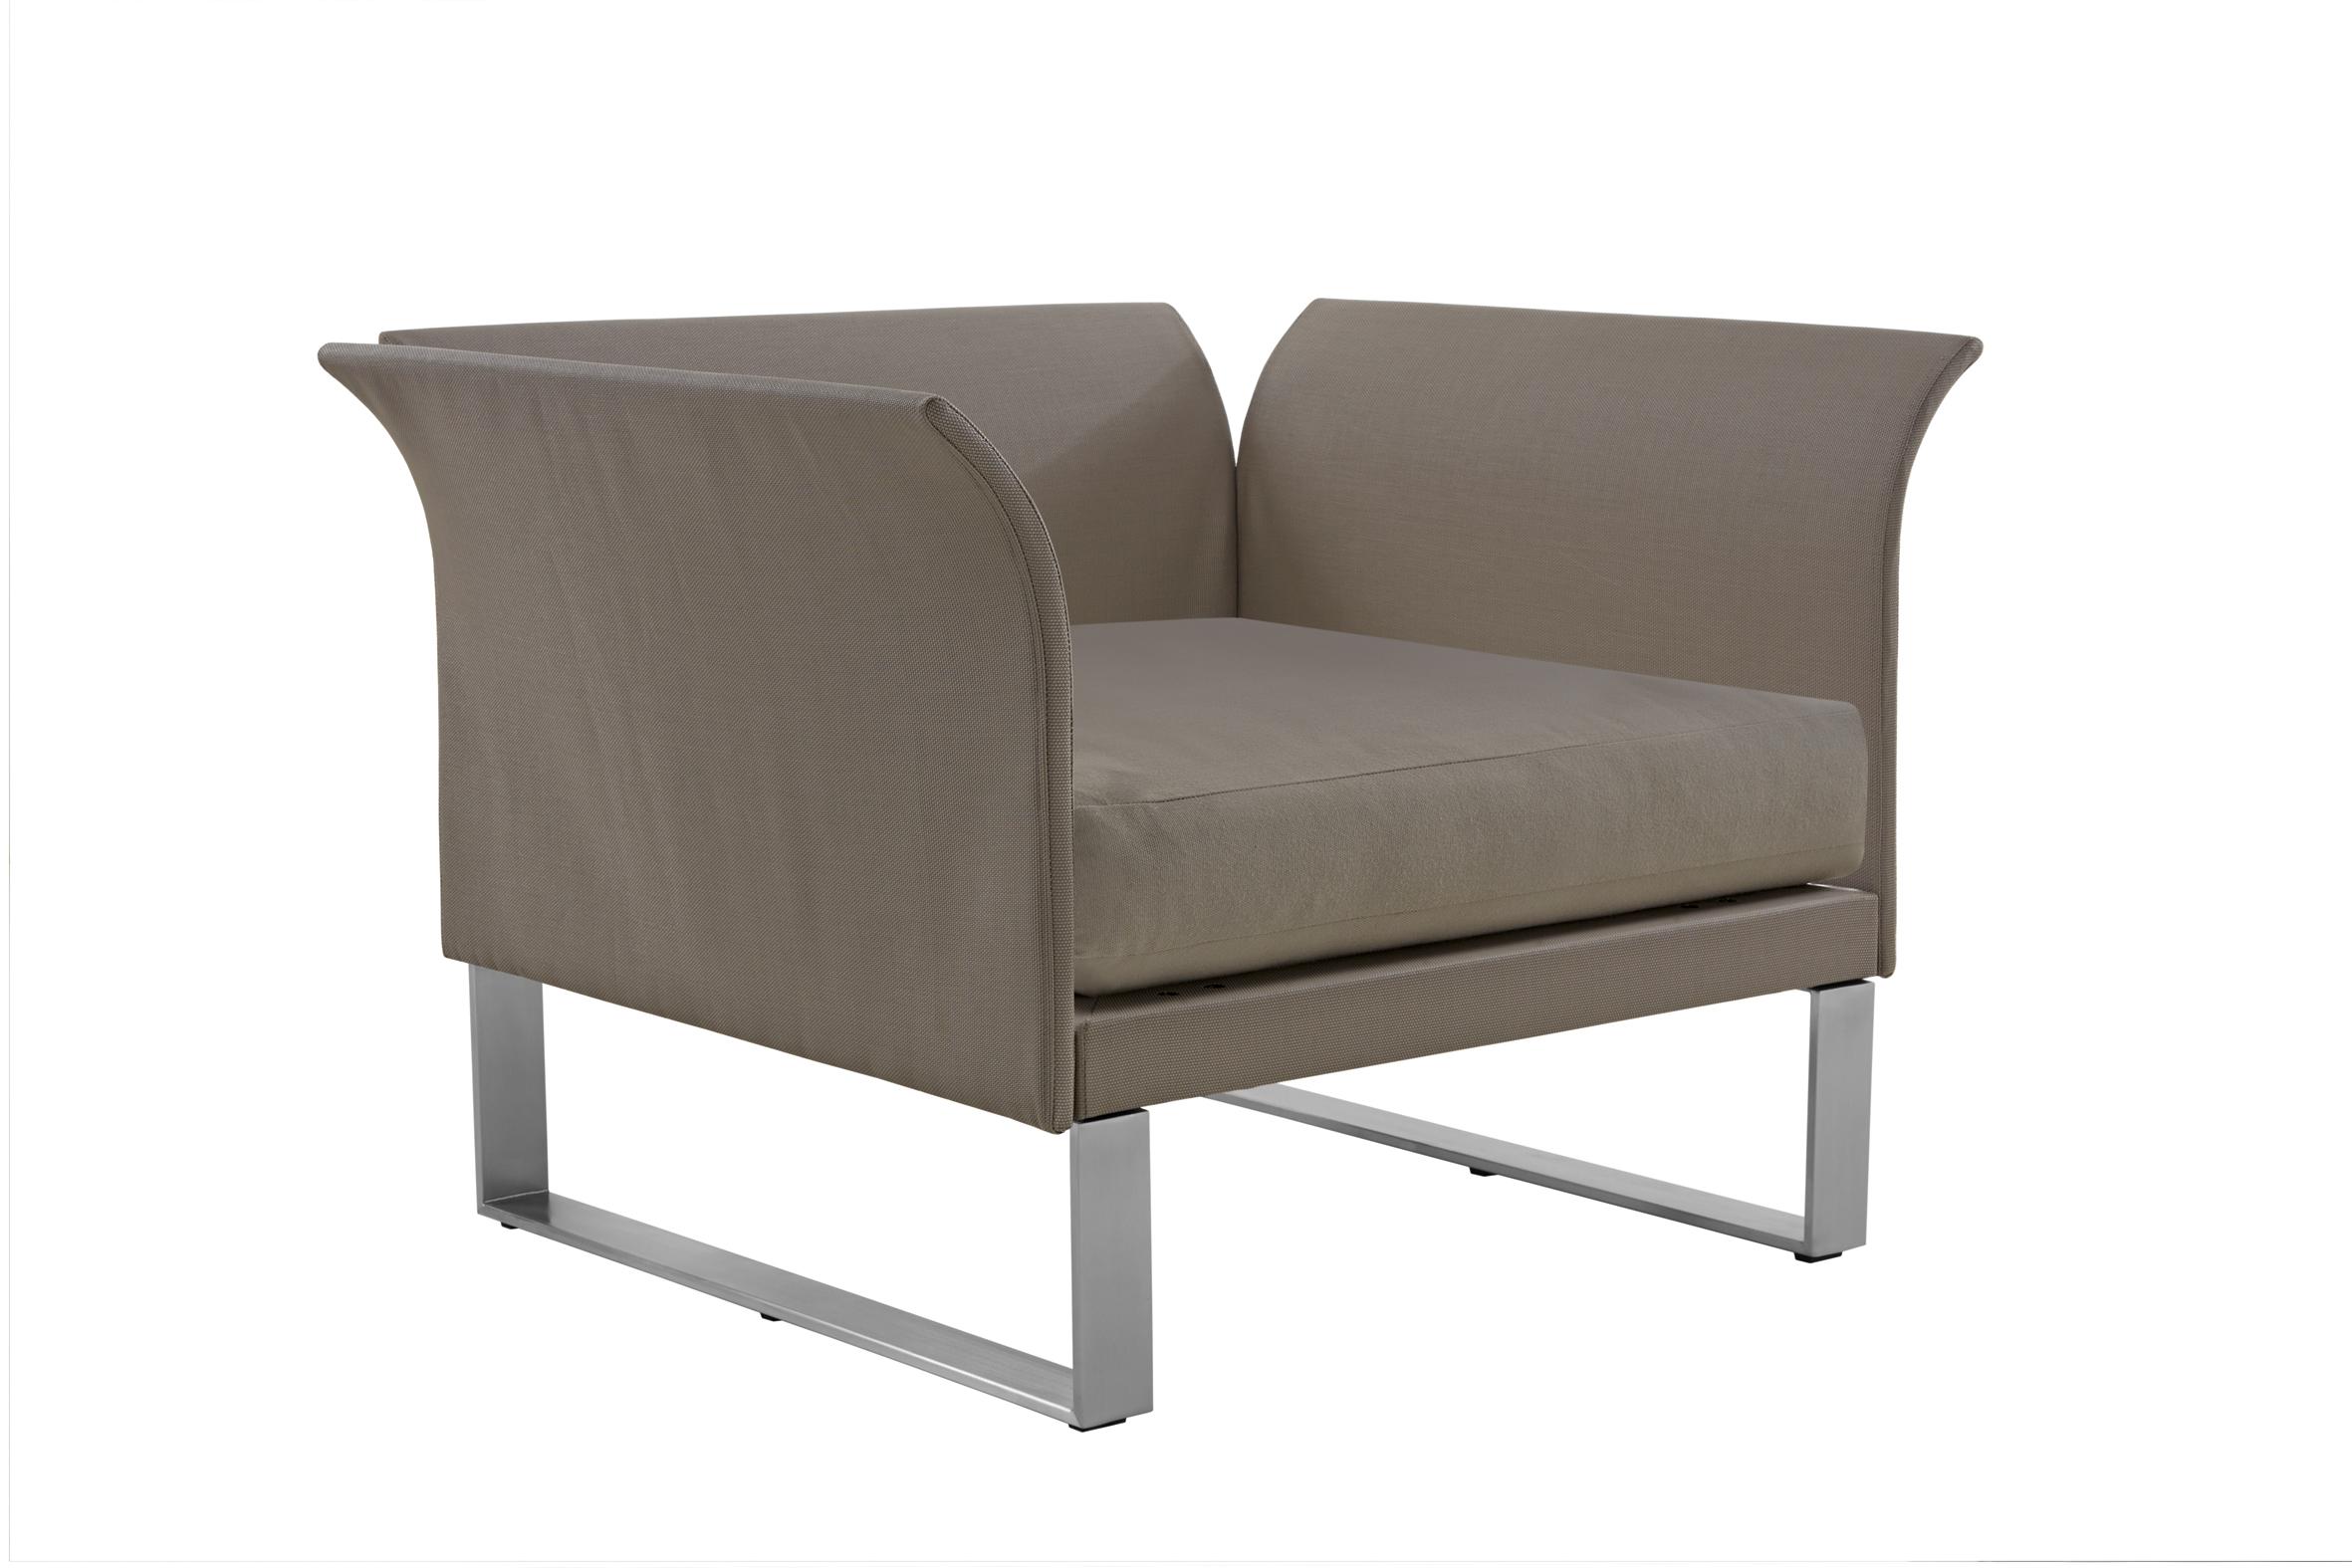 sifas outdoor furniture. 3100-1400b_Santa_Barbara_Modern_Outdoor_Club_Chair. Outdoor Club Chair Sifas Furniture